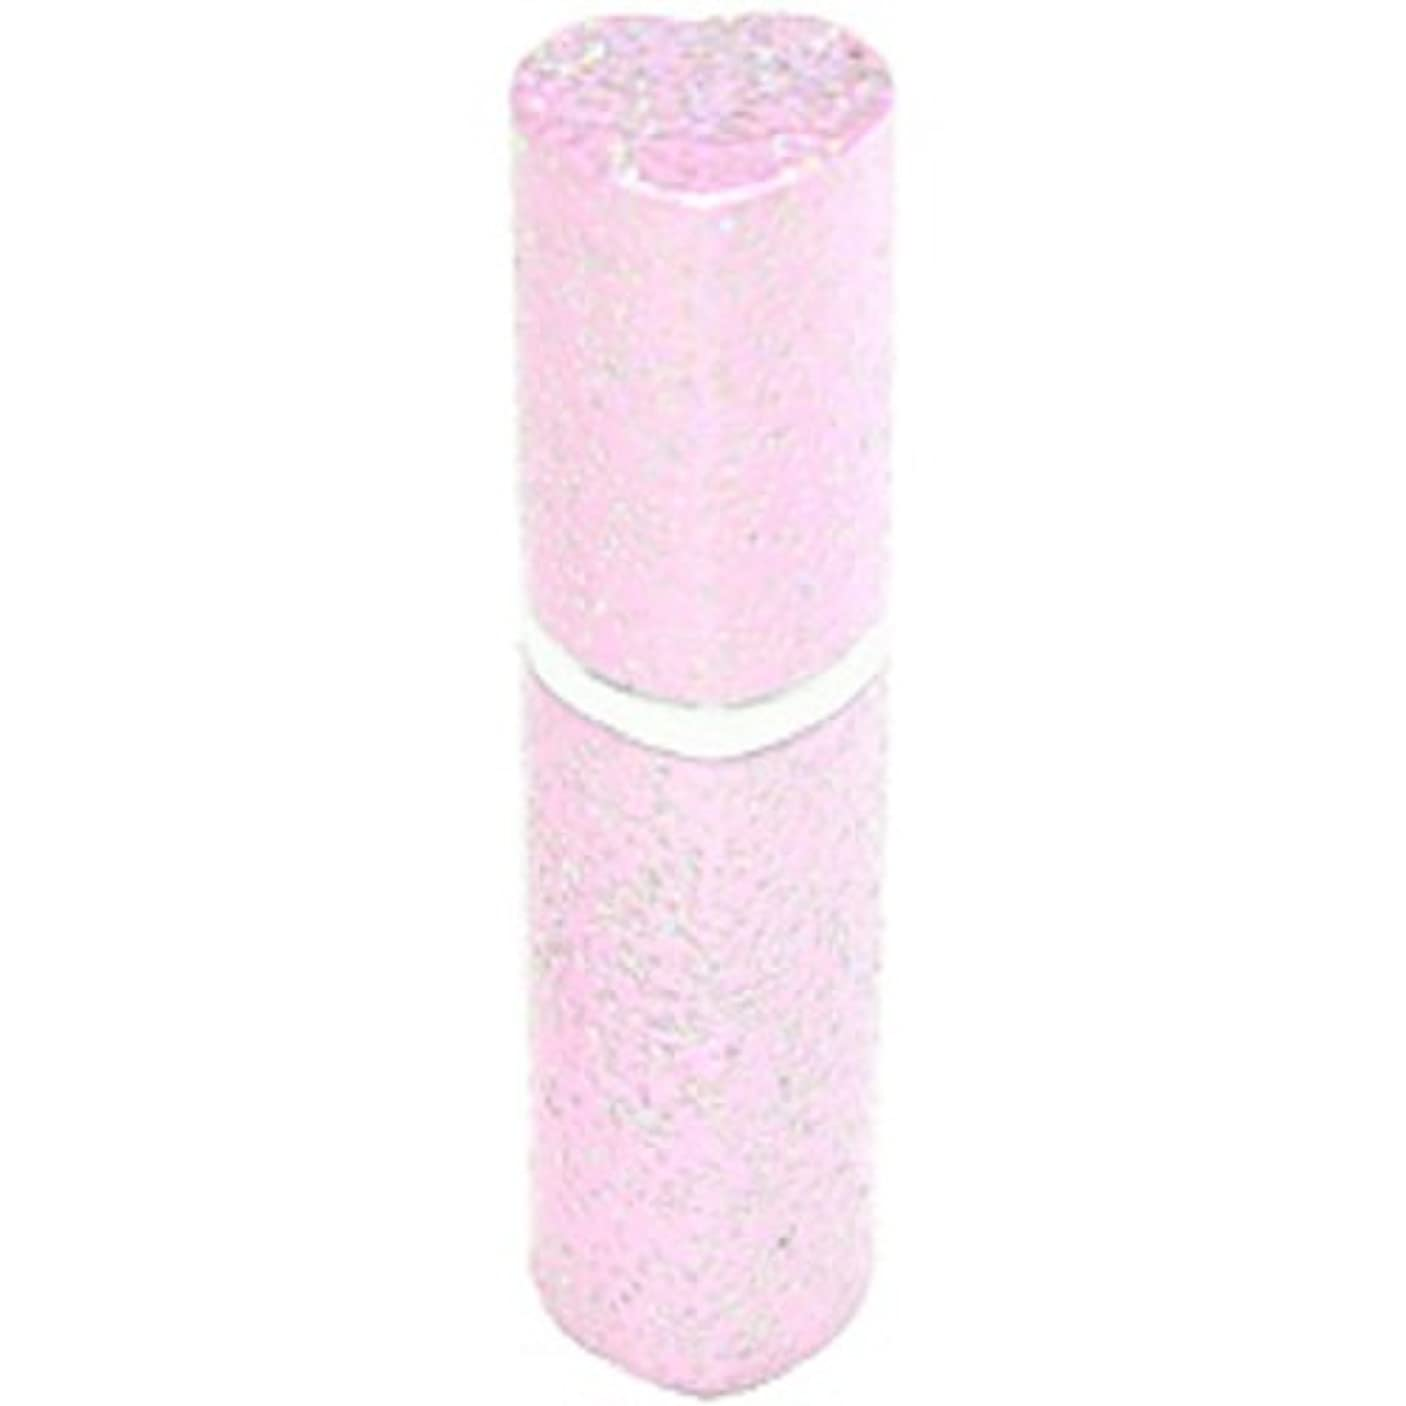 スイ死傷者タールアトマイザー ラメハート ピンク 3ml 香水入れ